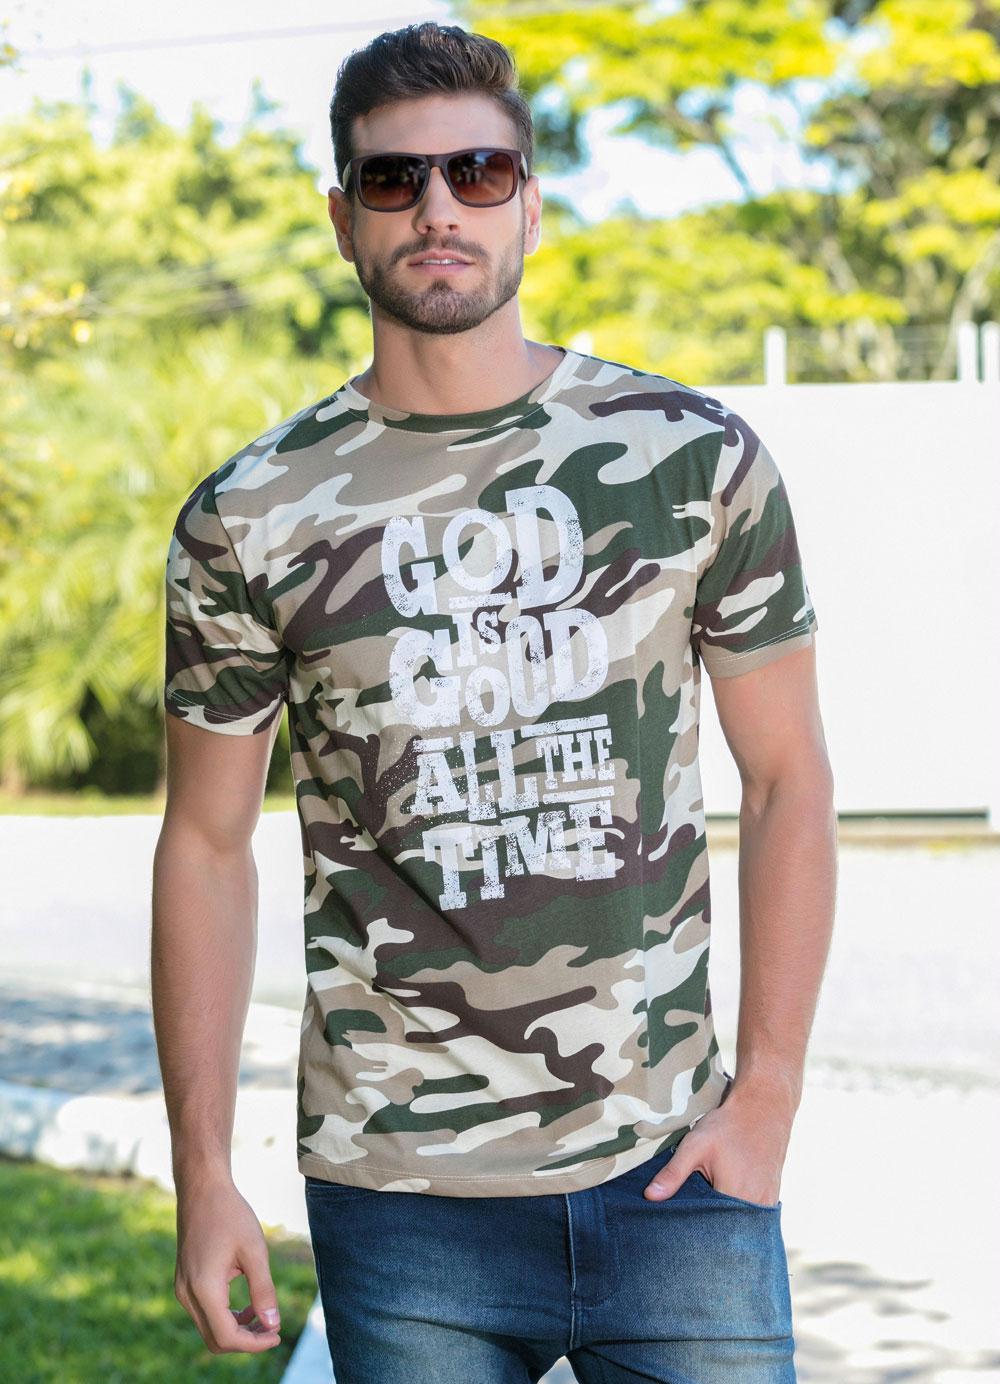 d560109e1f Camiseta Masculina Camuflada com Estampa Frontal - Moda Pop